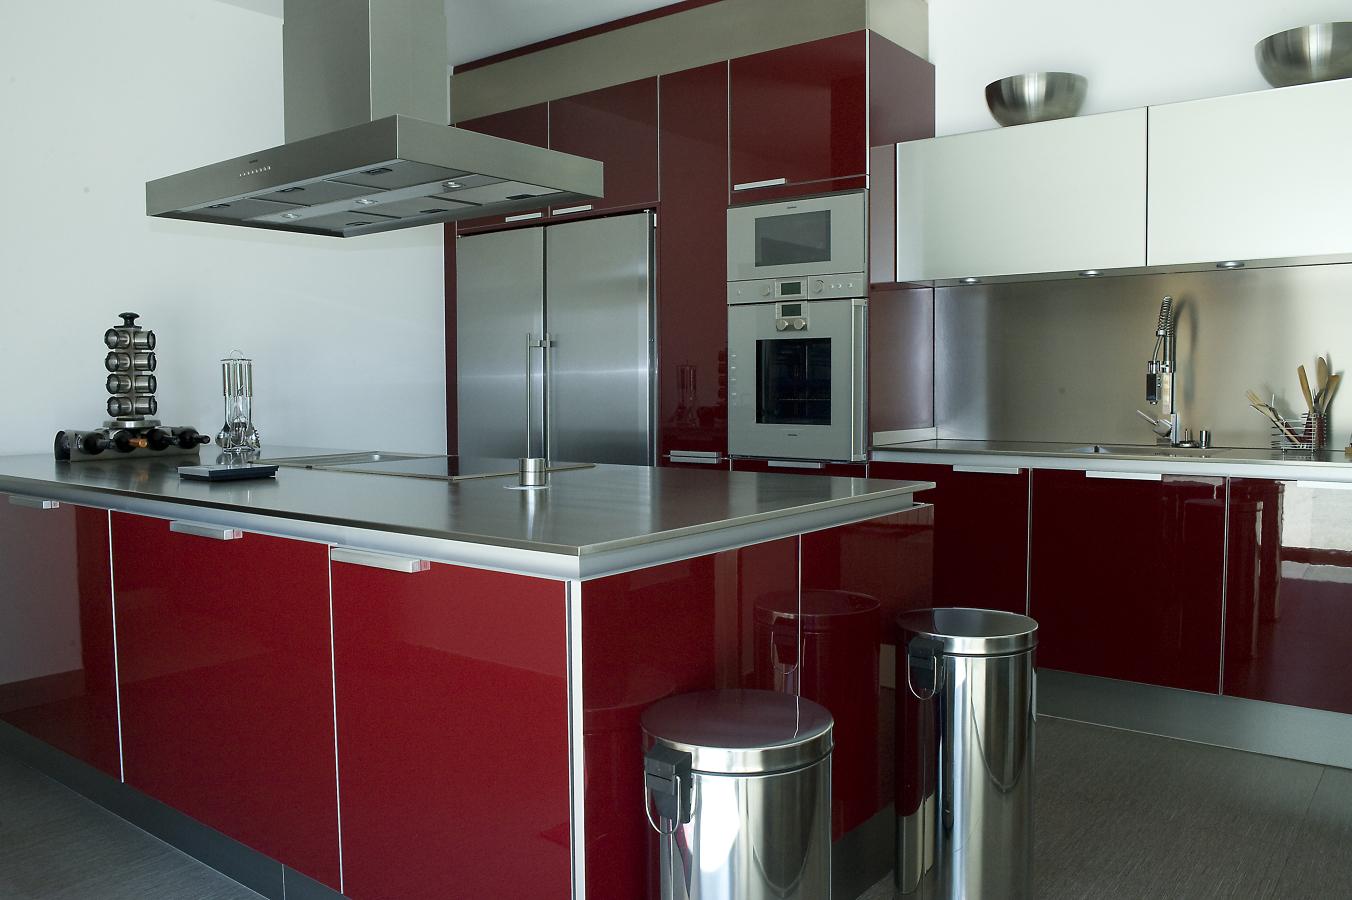 Foto cocina de z r construcciones 247637 habitissimo for Habitissimo cocinas